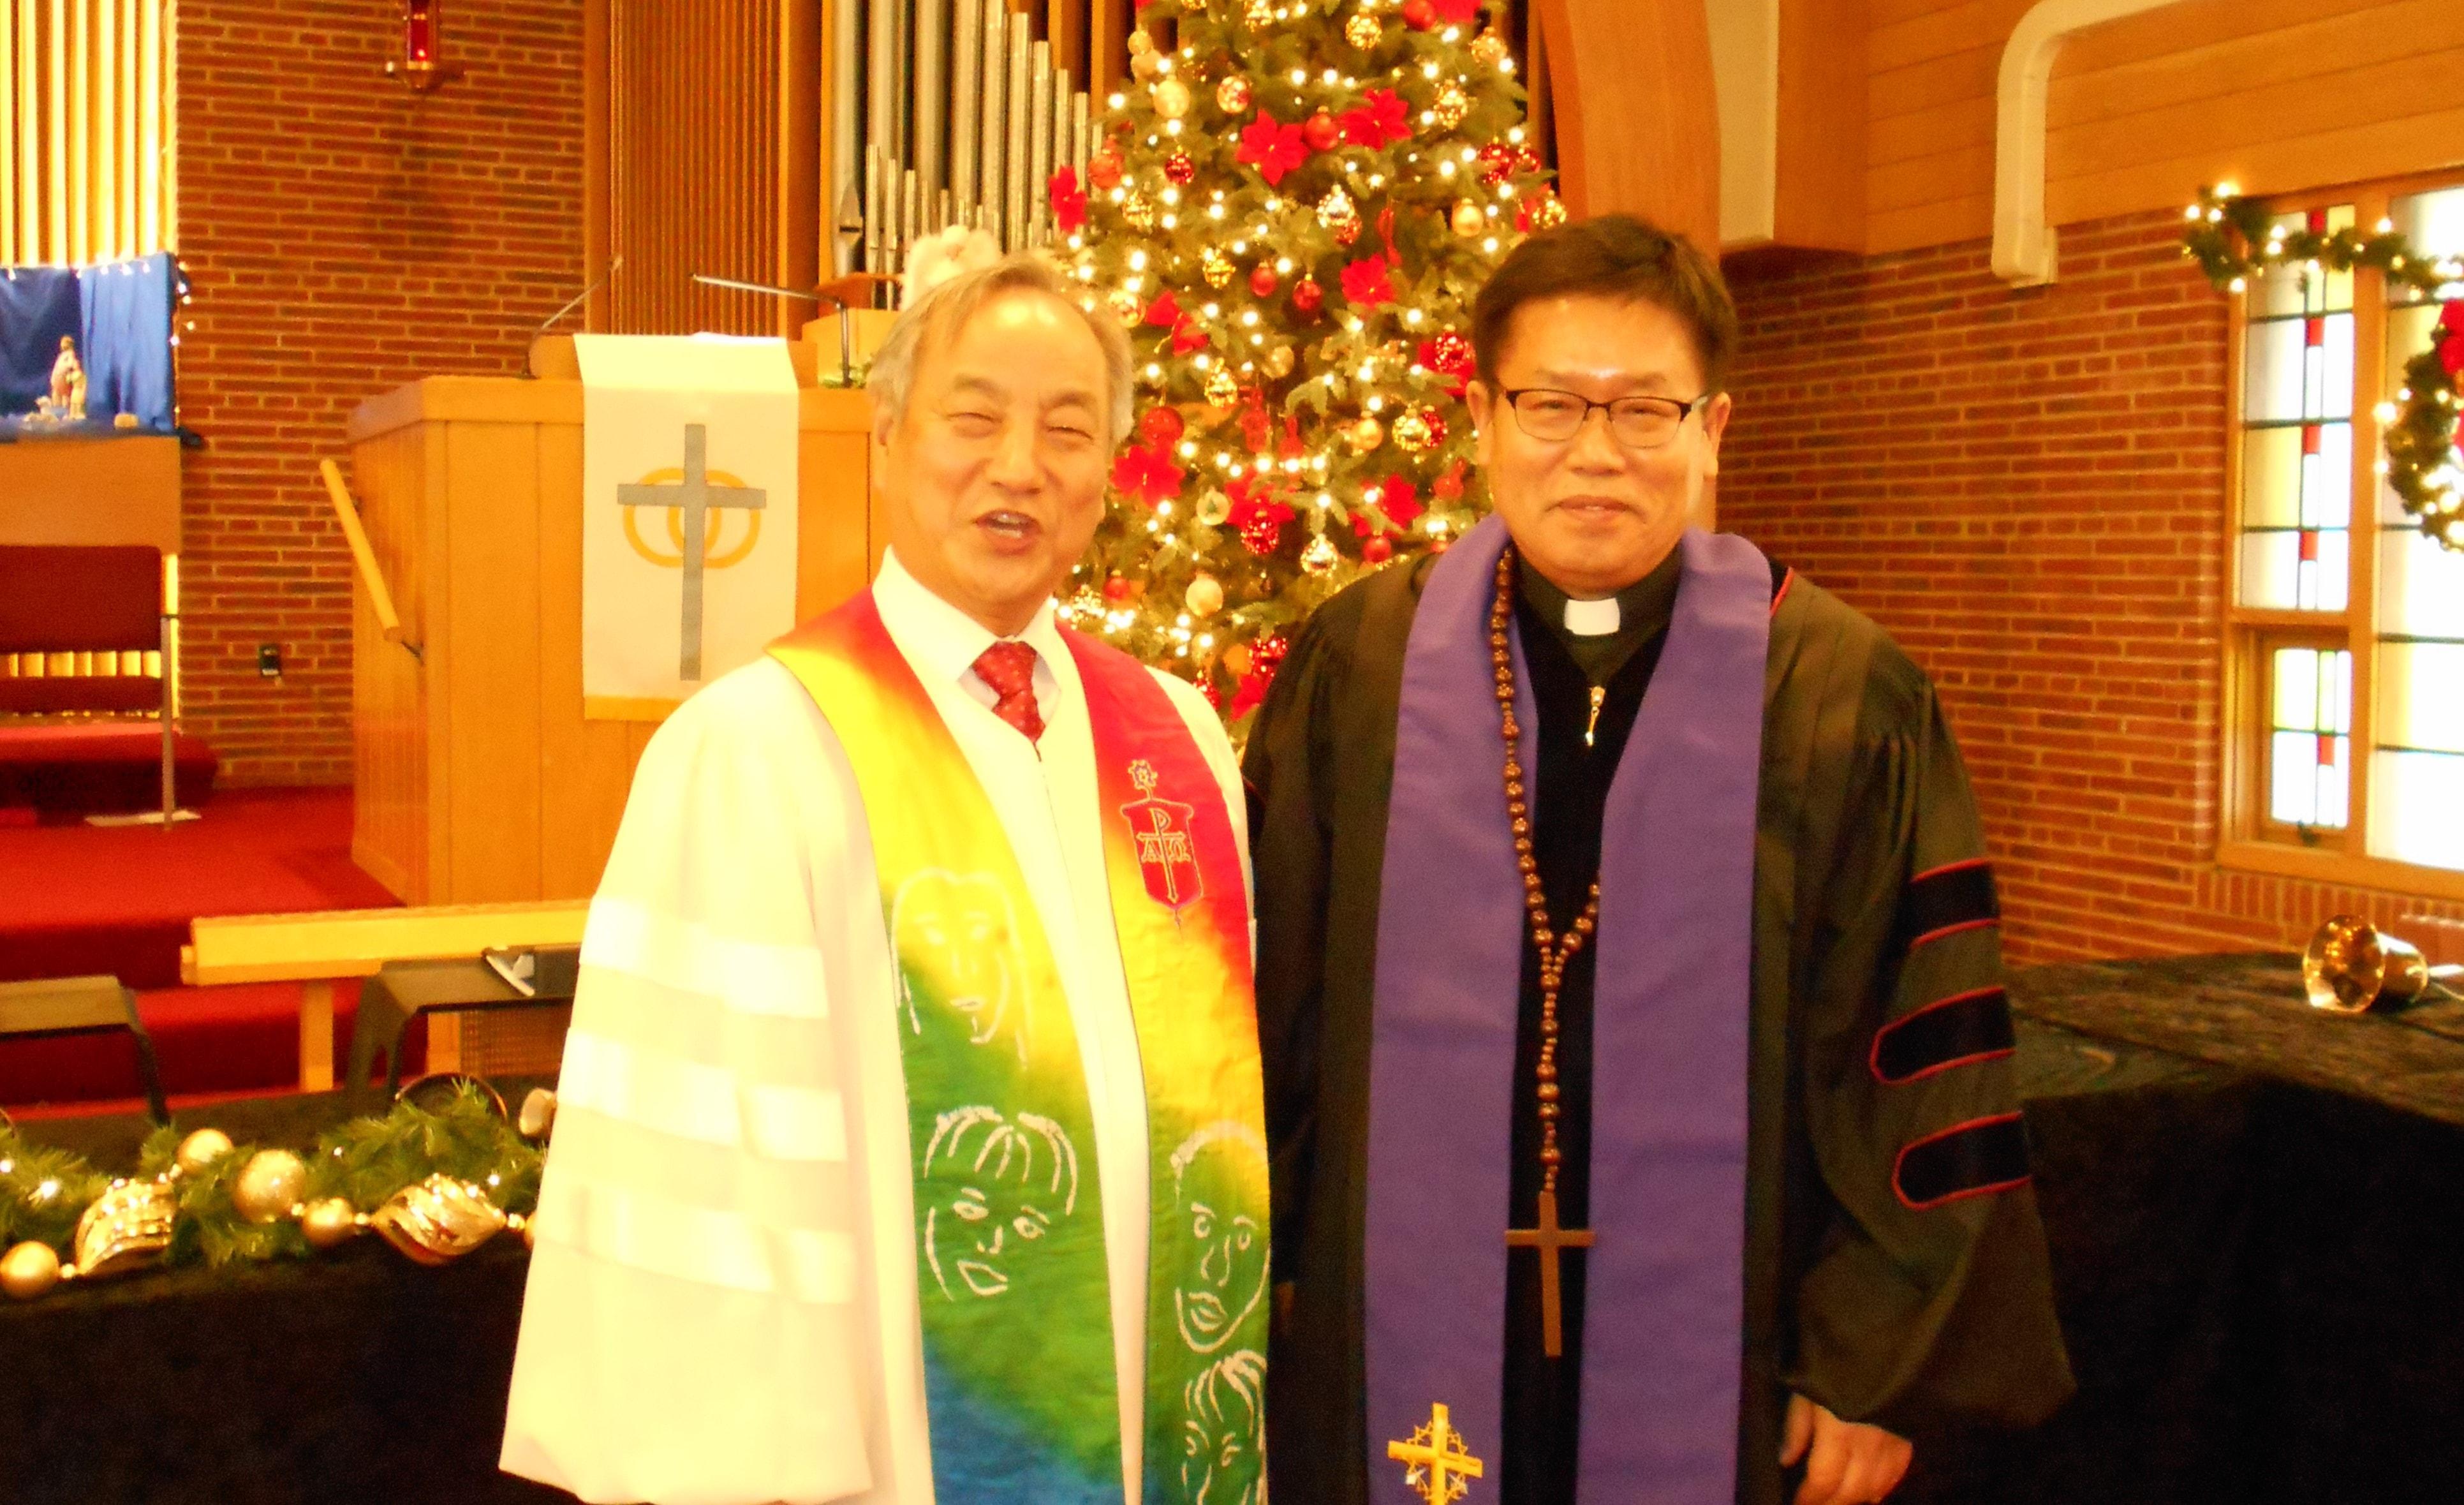 김선중 목사(오른쪽)와 정희수 감독이 2018년 12월 대강절 첫 주일을 함께 했다. 사진 제공 김선중 목사.